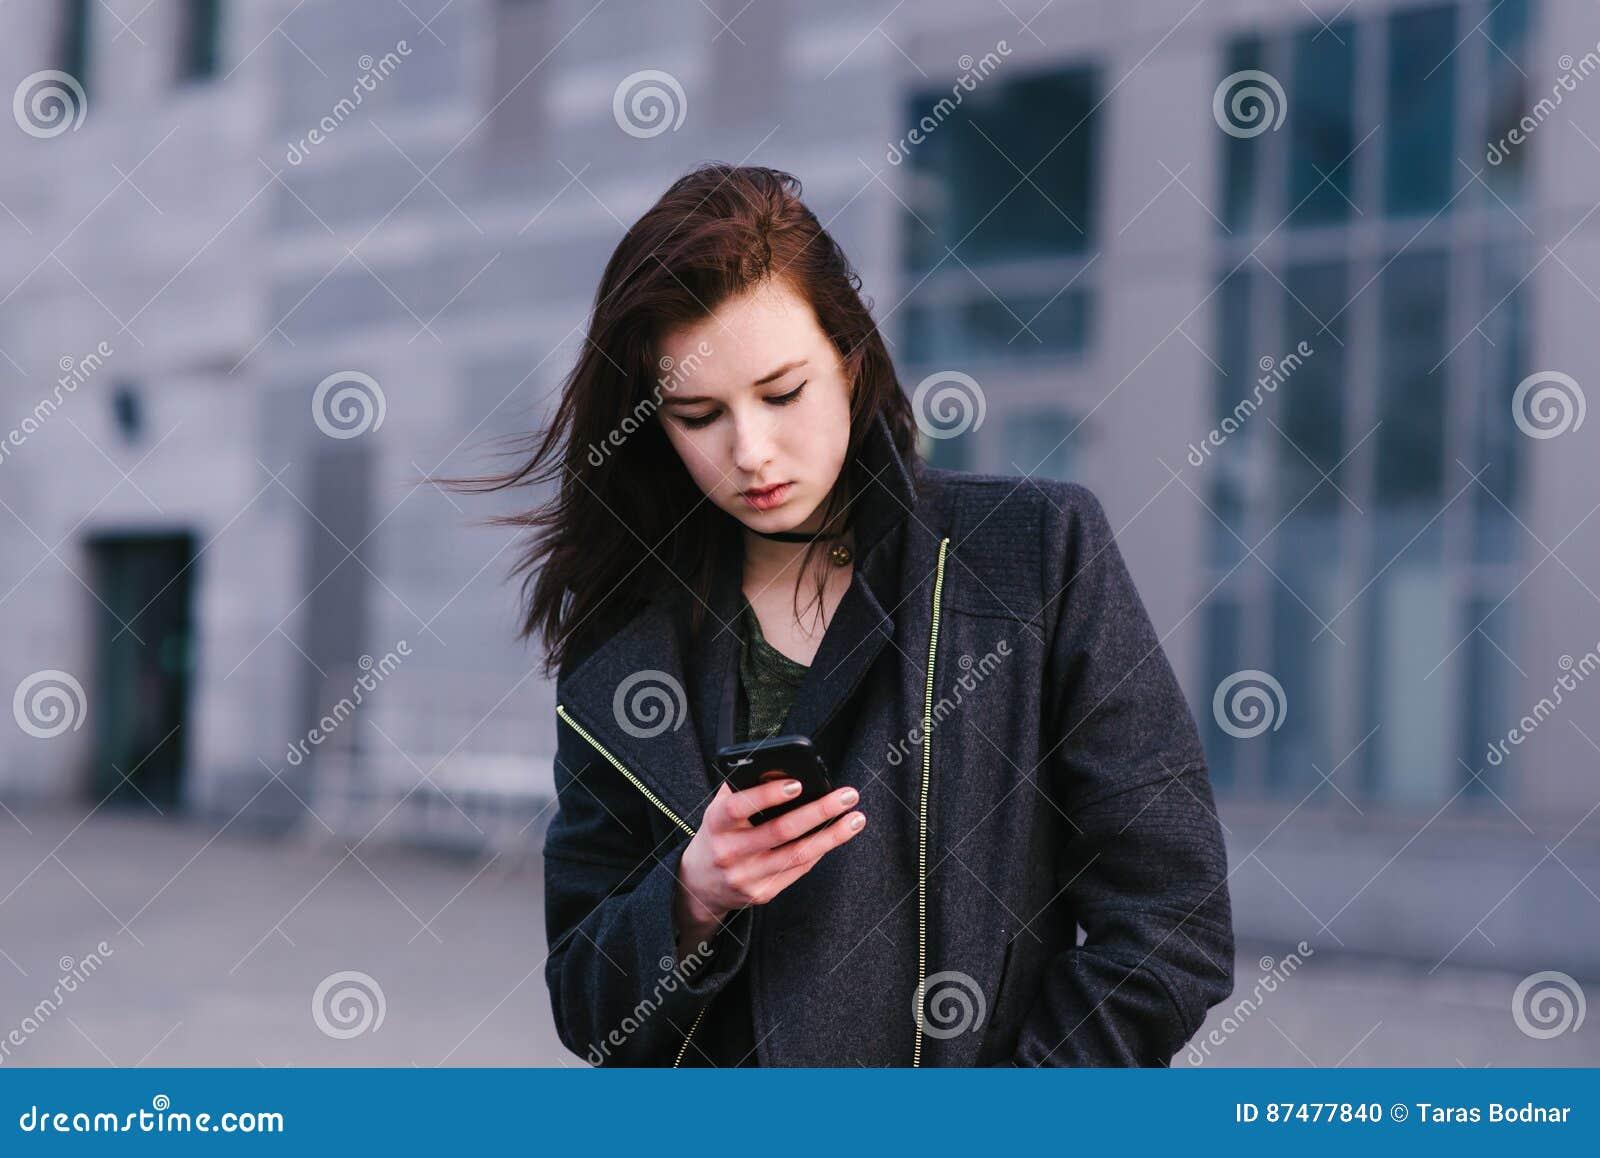 Детеныш и очень милая бизнес-леди брюнет используют мобильный телефон на предпосылке городского пейзажа